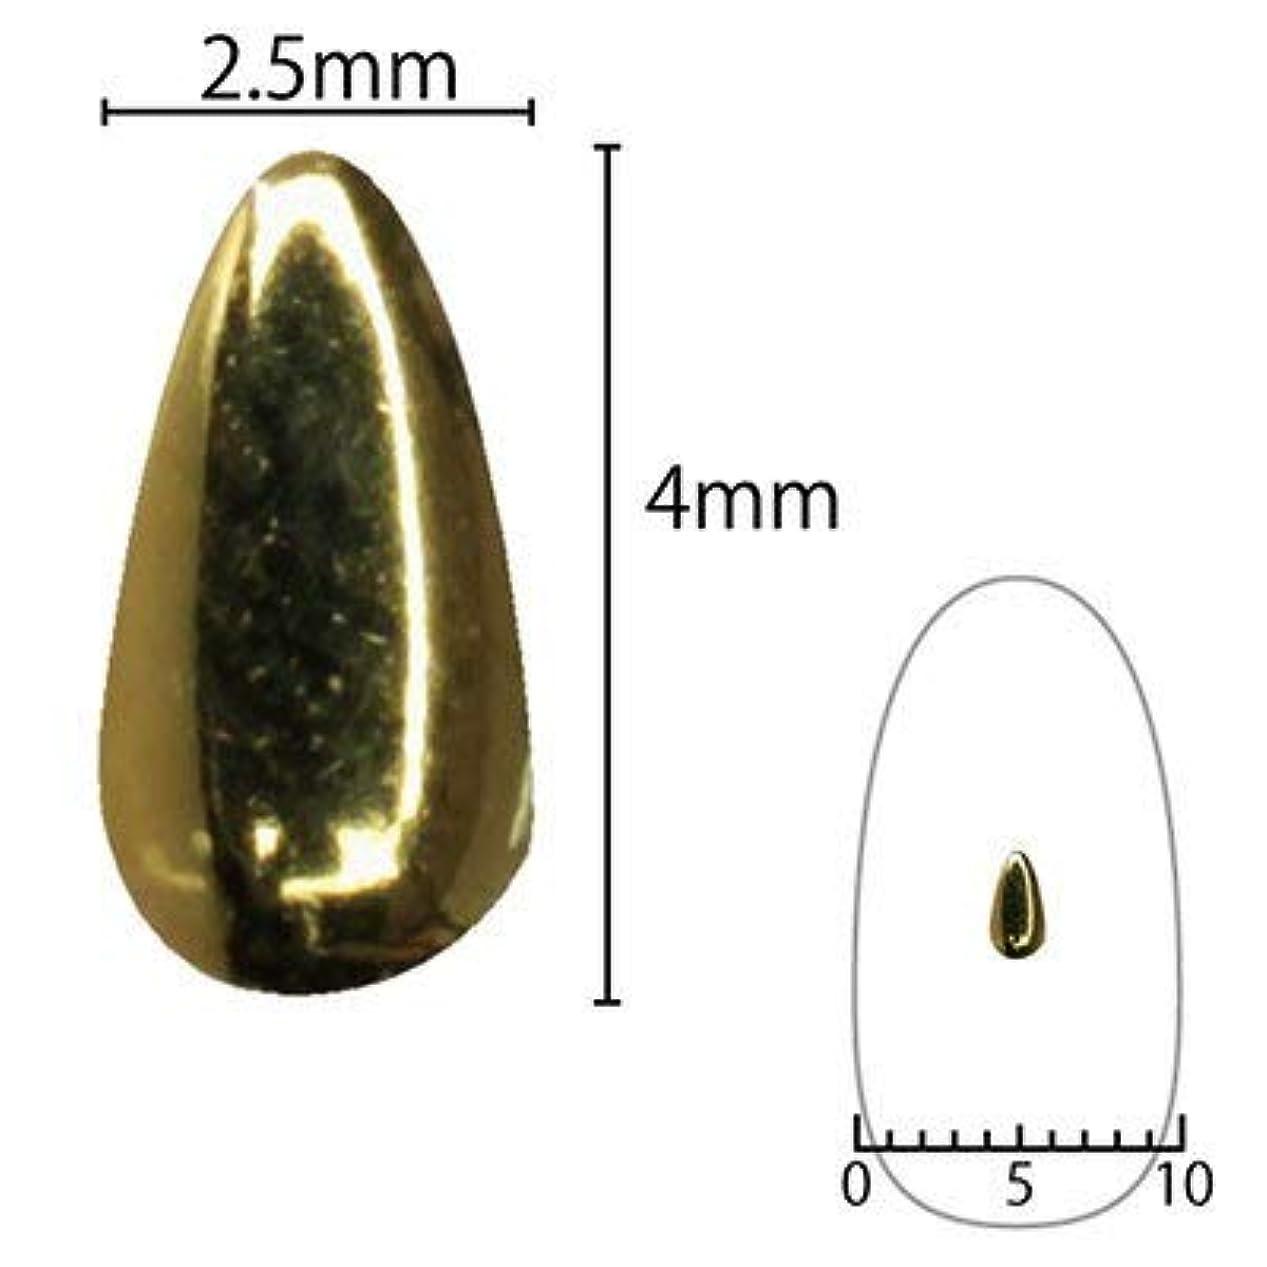 禁止するランドリーキネマティクスSHAREYDVA スタッズ ドロップ 4mm×2.5mm 30P ゴールド